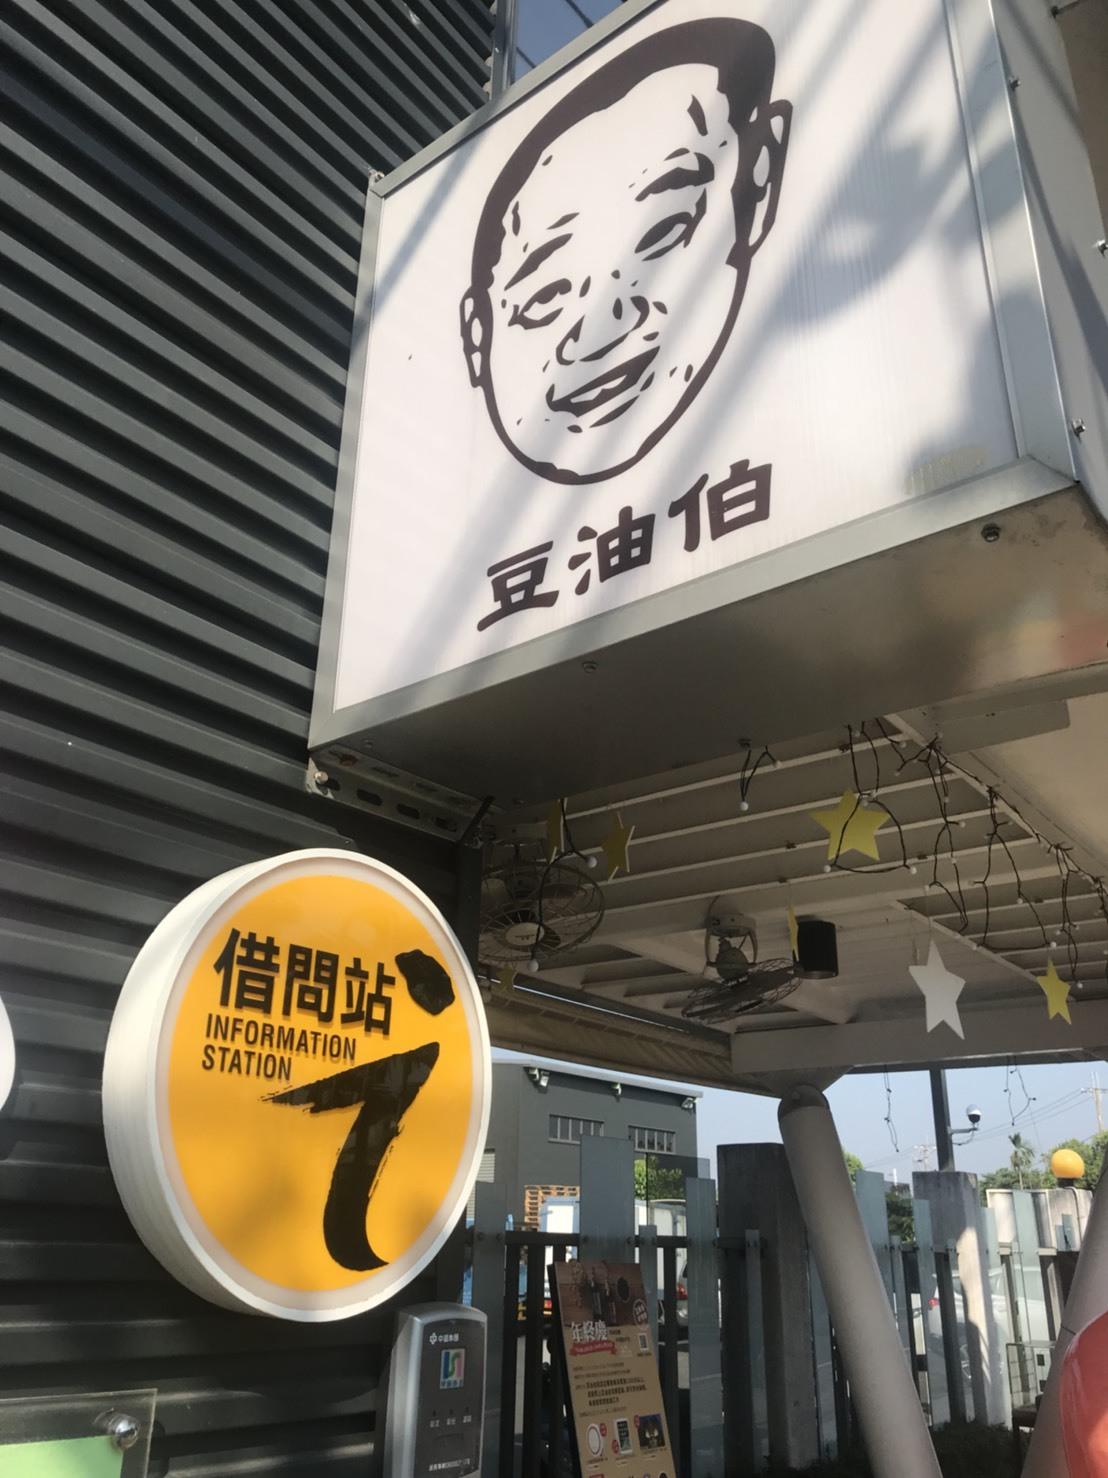 狂賀!豆油伯竹田門市榮獲借問所「最佳人氣獎」